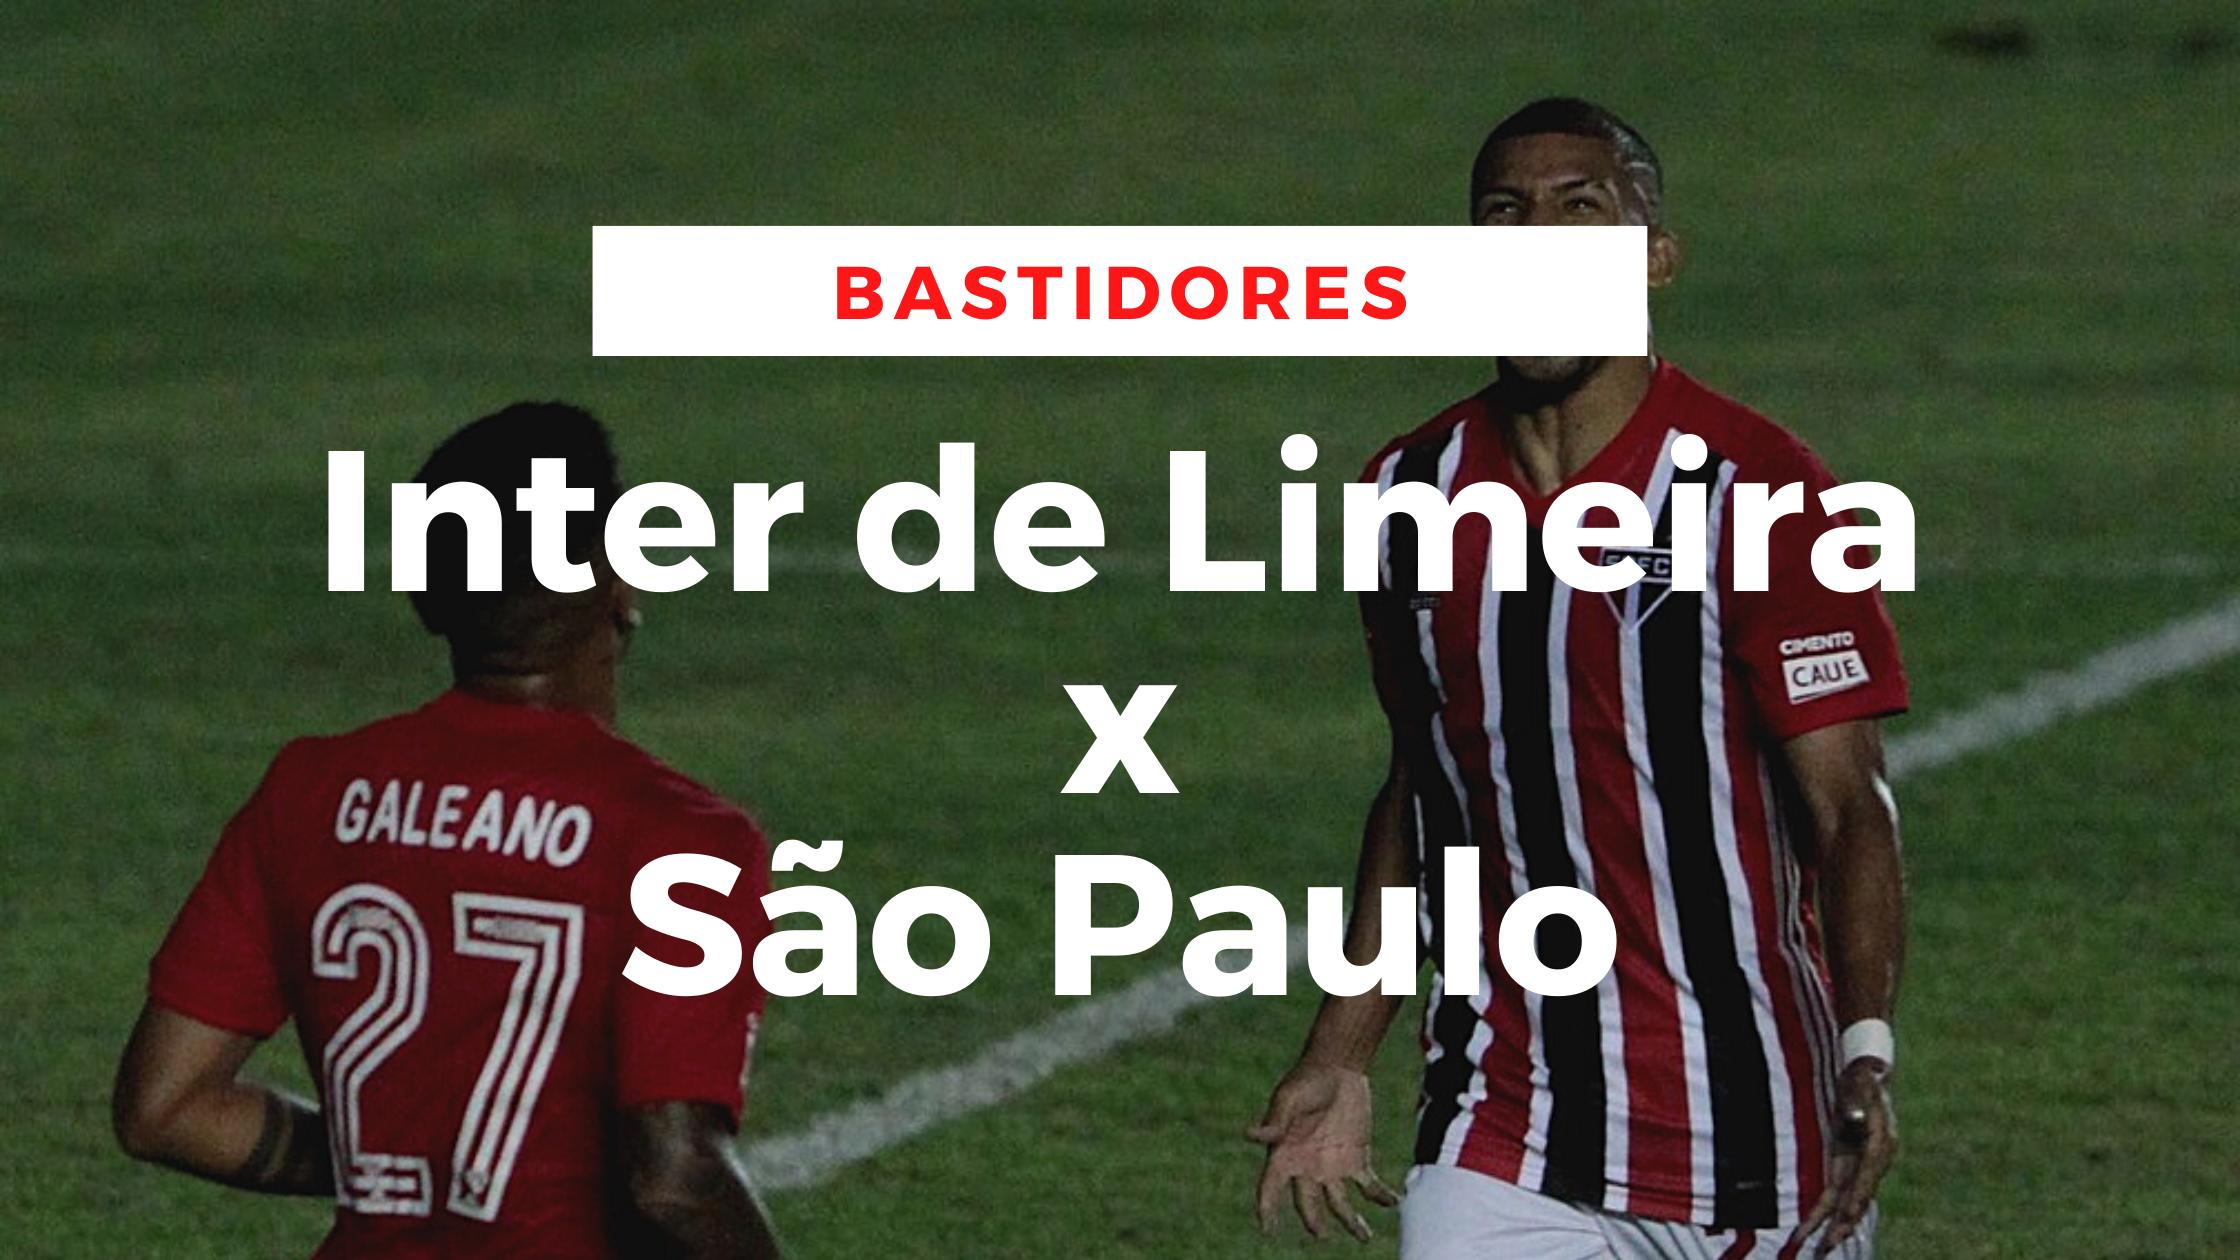 Bastidores - Inter de Limeira x São Paulo